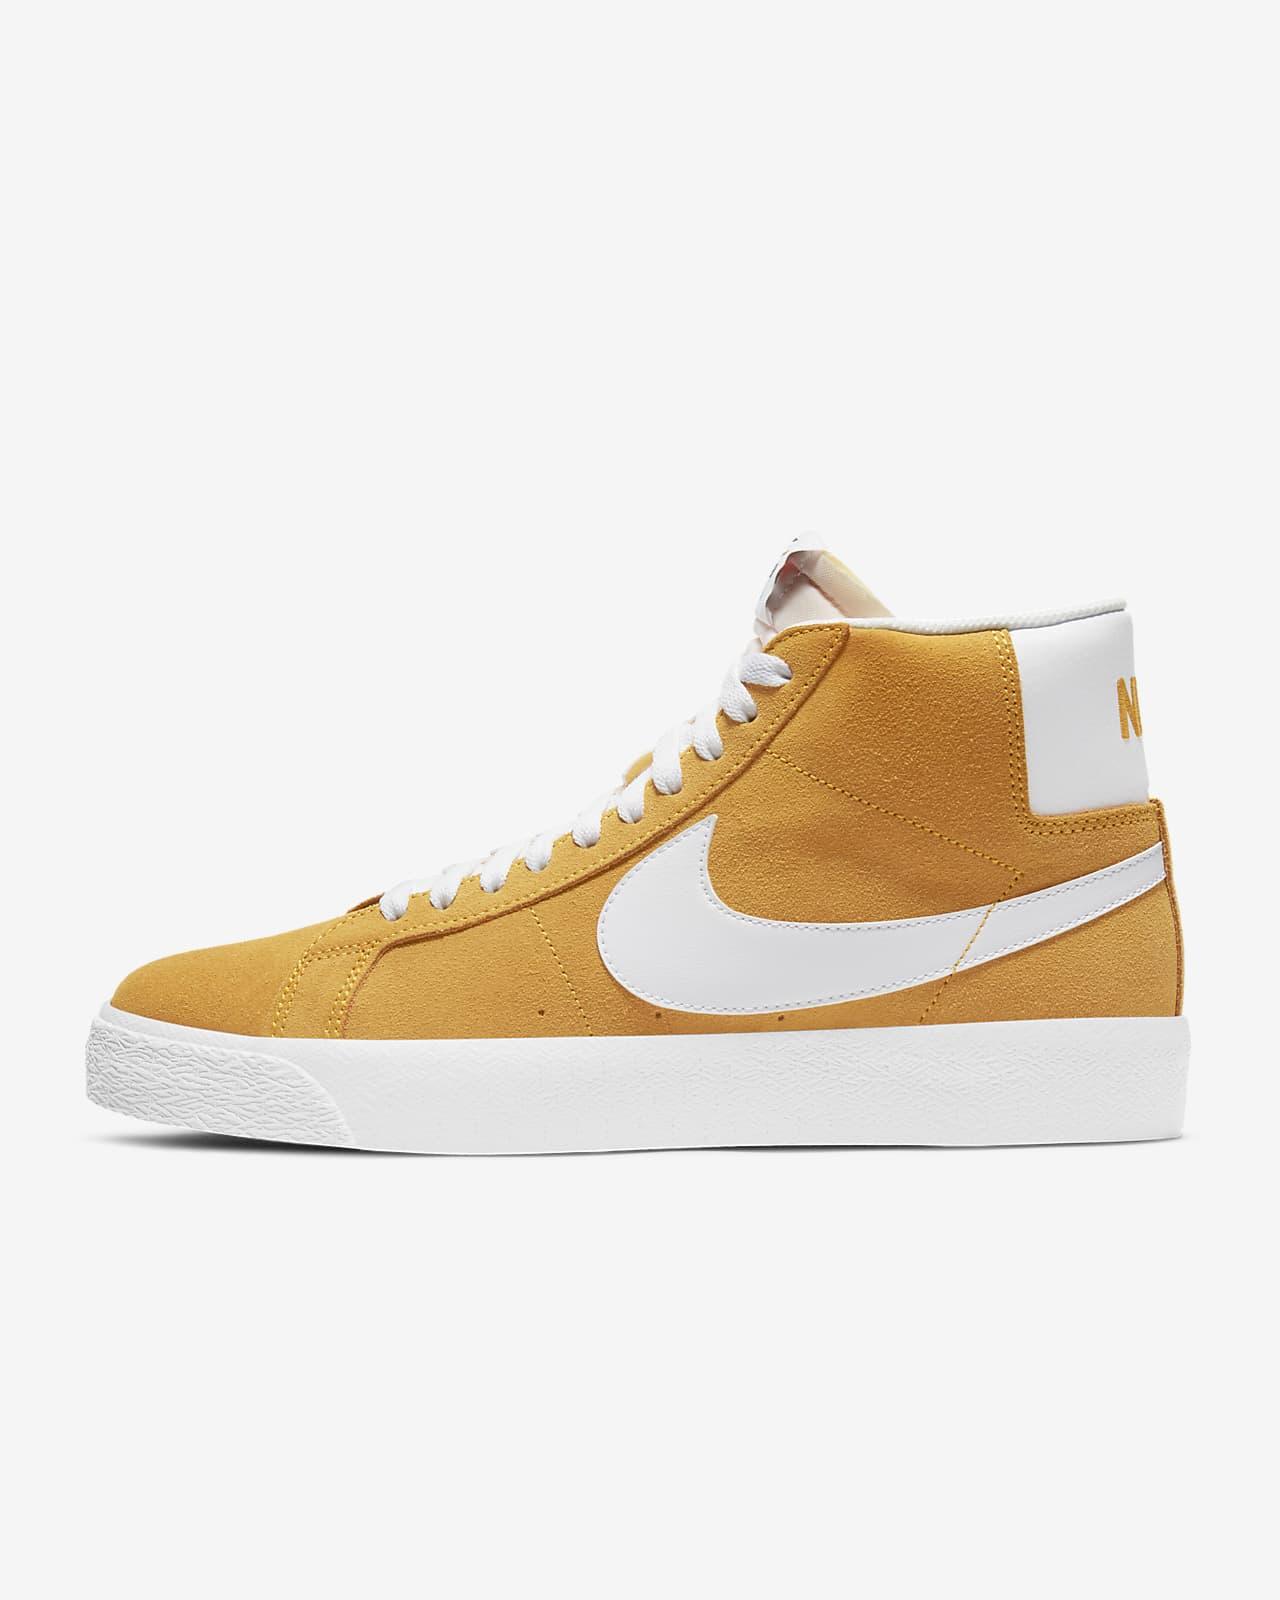 Buty do skateboardingu Nike SB Zoom Blazer Mid